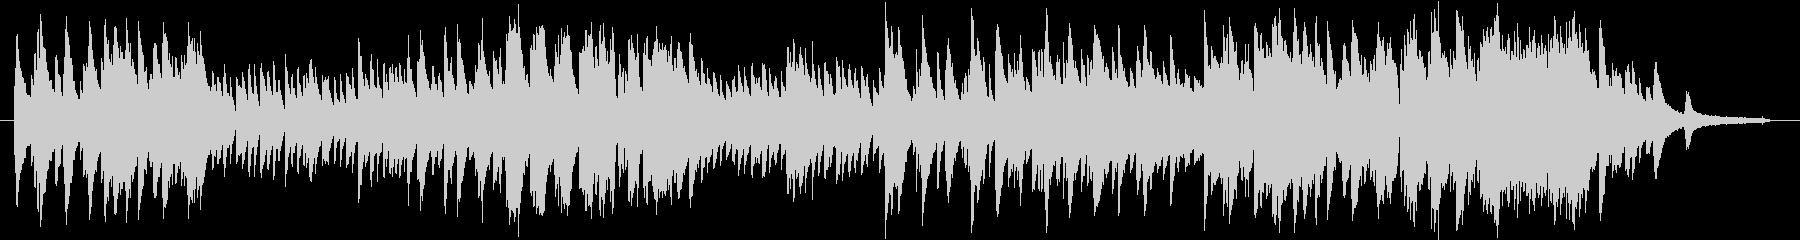 優しいピアノ曲です。様々な用途でお使い…の未再生の波形